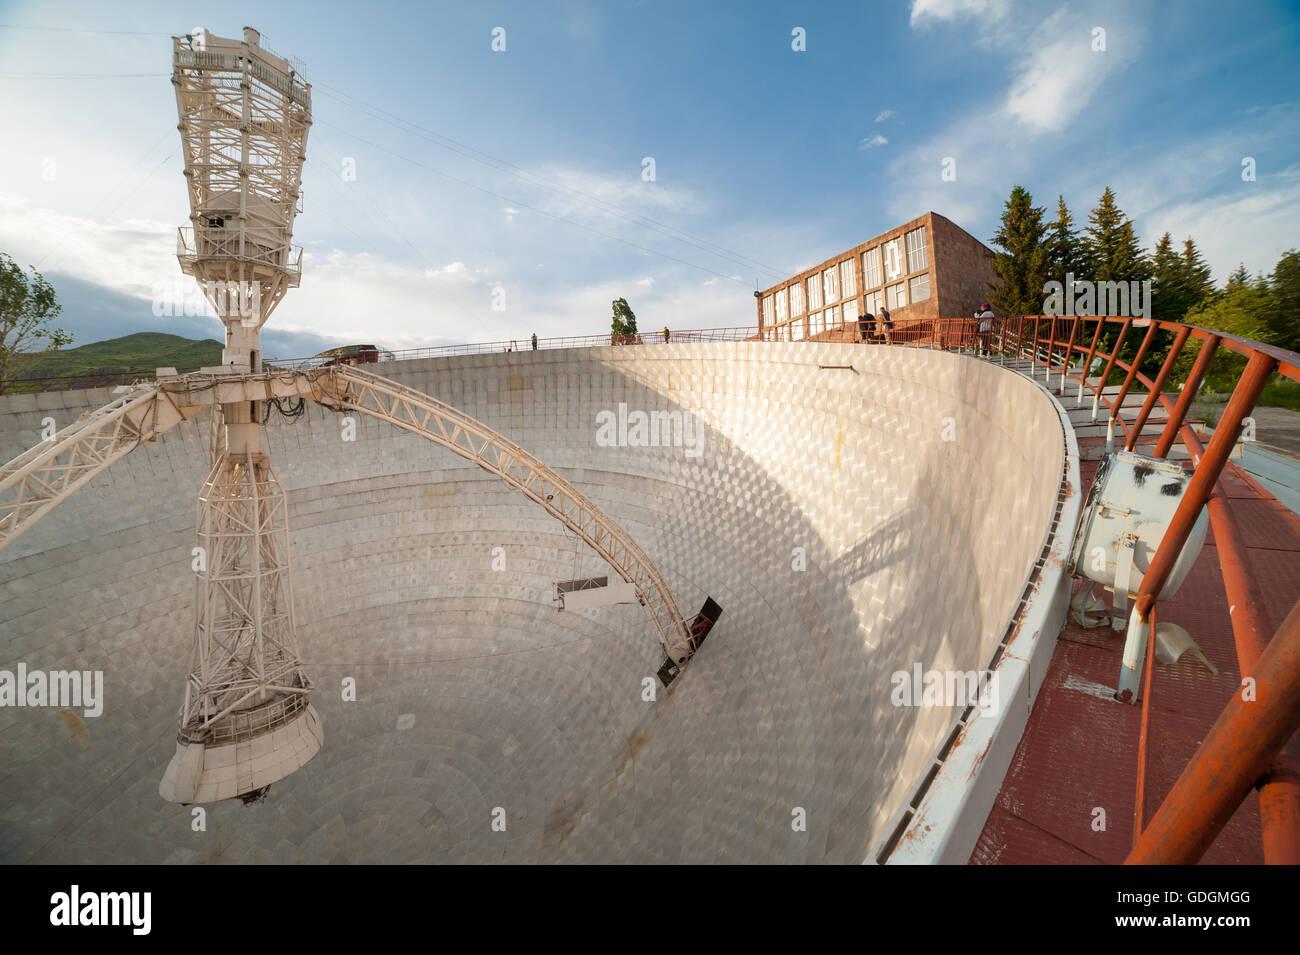 Alte Und Verlassene Russische Radioteleskop Armenien Stockfotografie Alamy